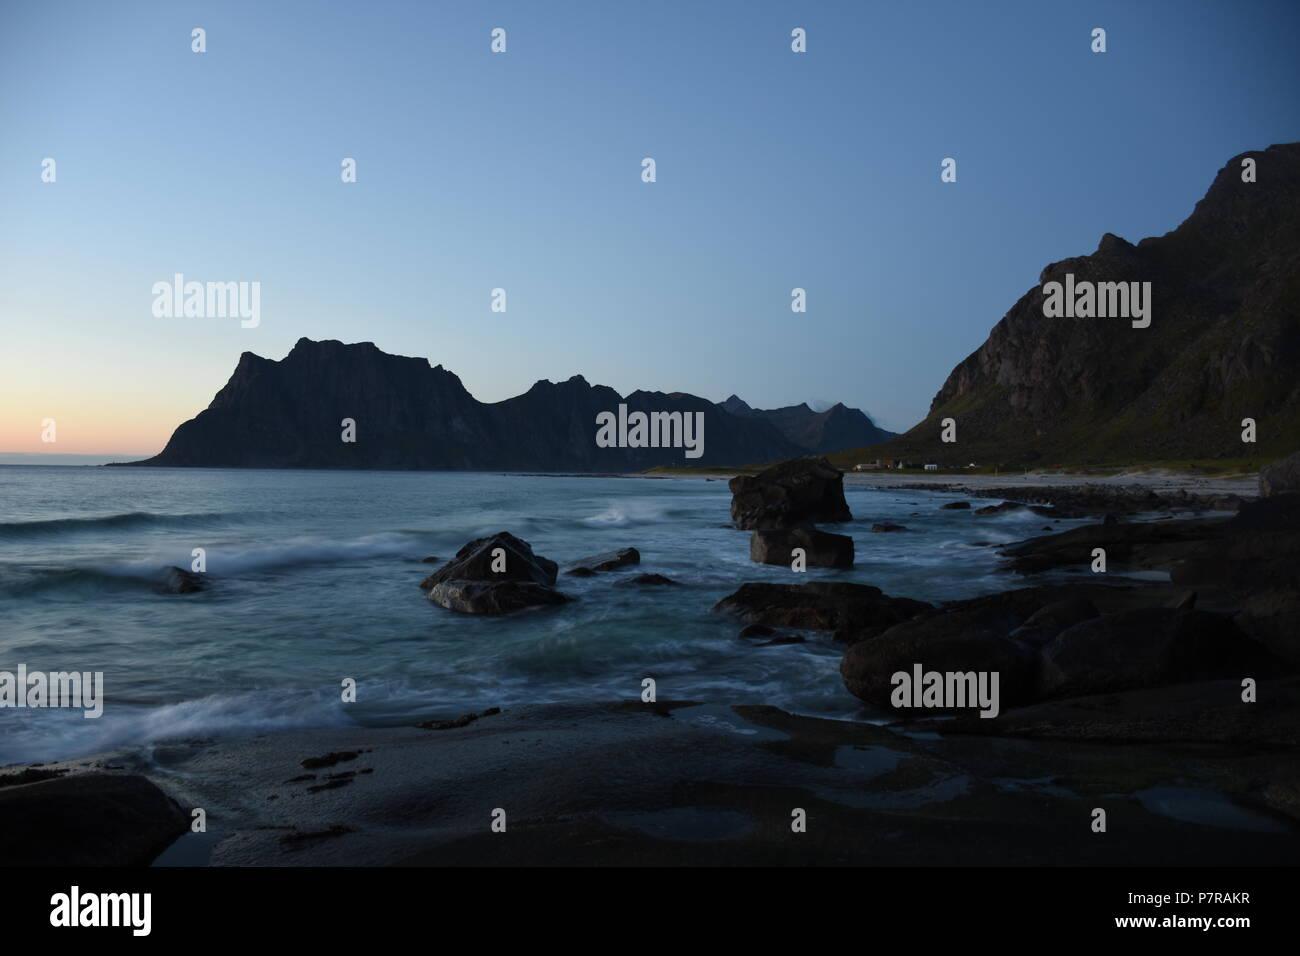 Norwegen, Lofoten, Leknes, Uttakleiv, Küste, Felsküste, Brandung, Fontäne, Gischt, Abend, Dämmerung, Nacht, Abenddämmerung, Weg, Strand, Sandstrand, I Stock Photo